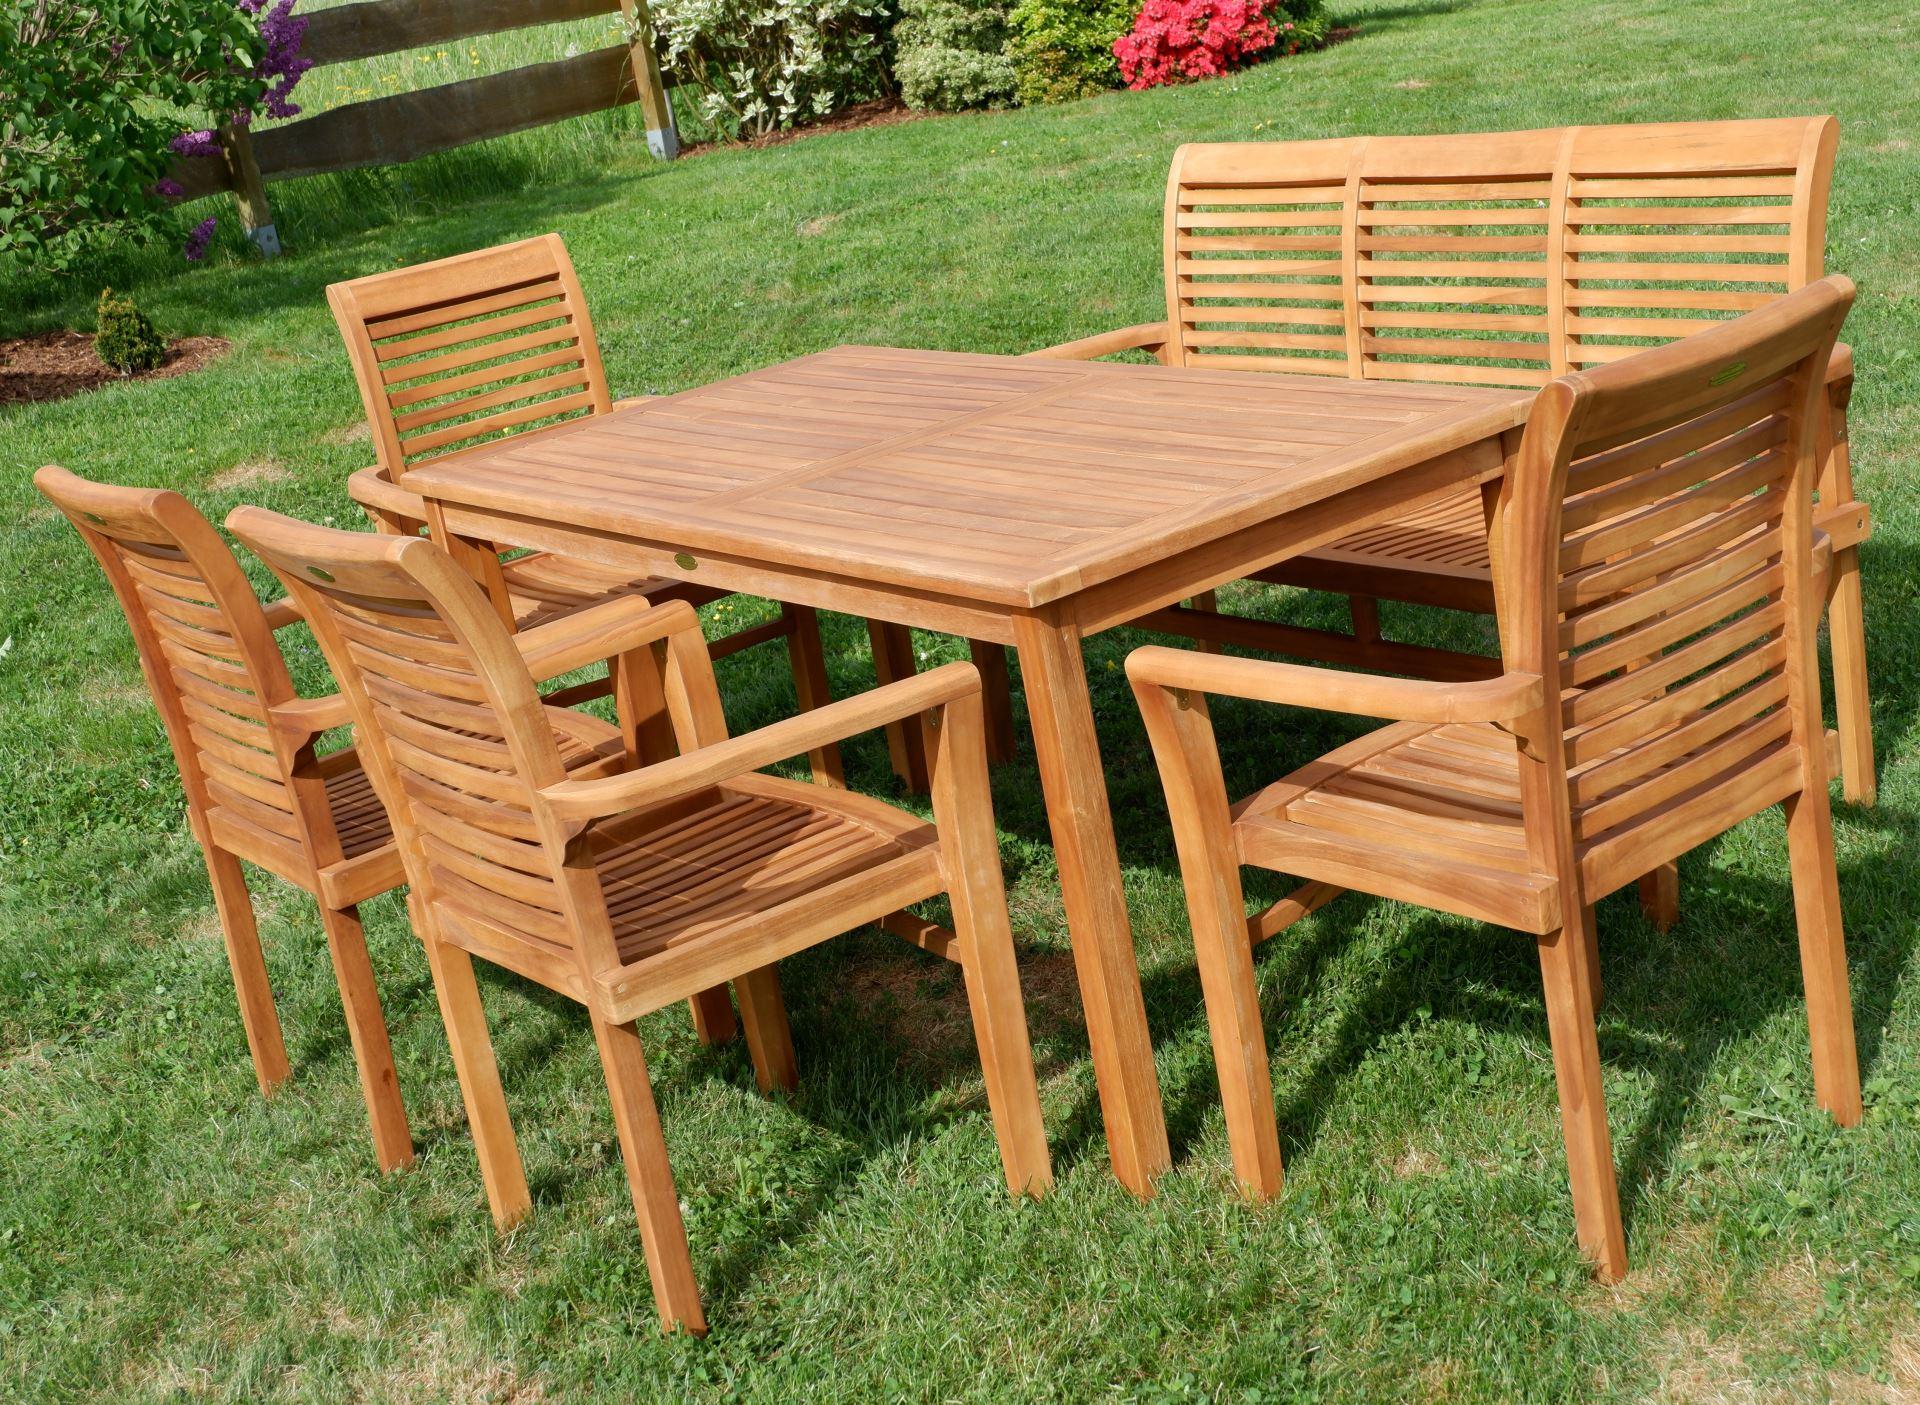 Teak Set Gartengarnitur Gartentisch 150x80 Cm 1 Bank 150 Cm Für 3